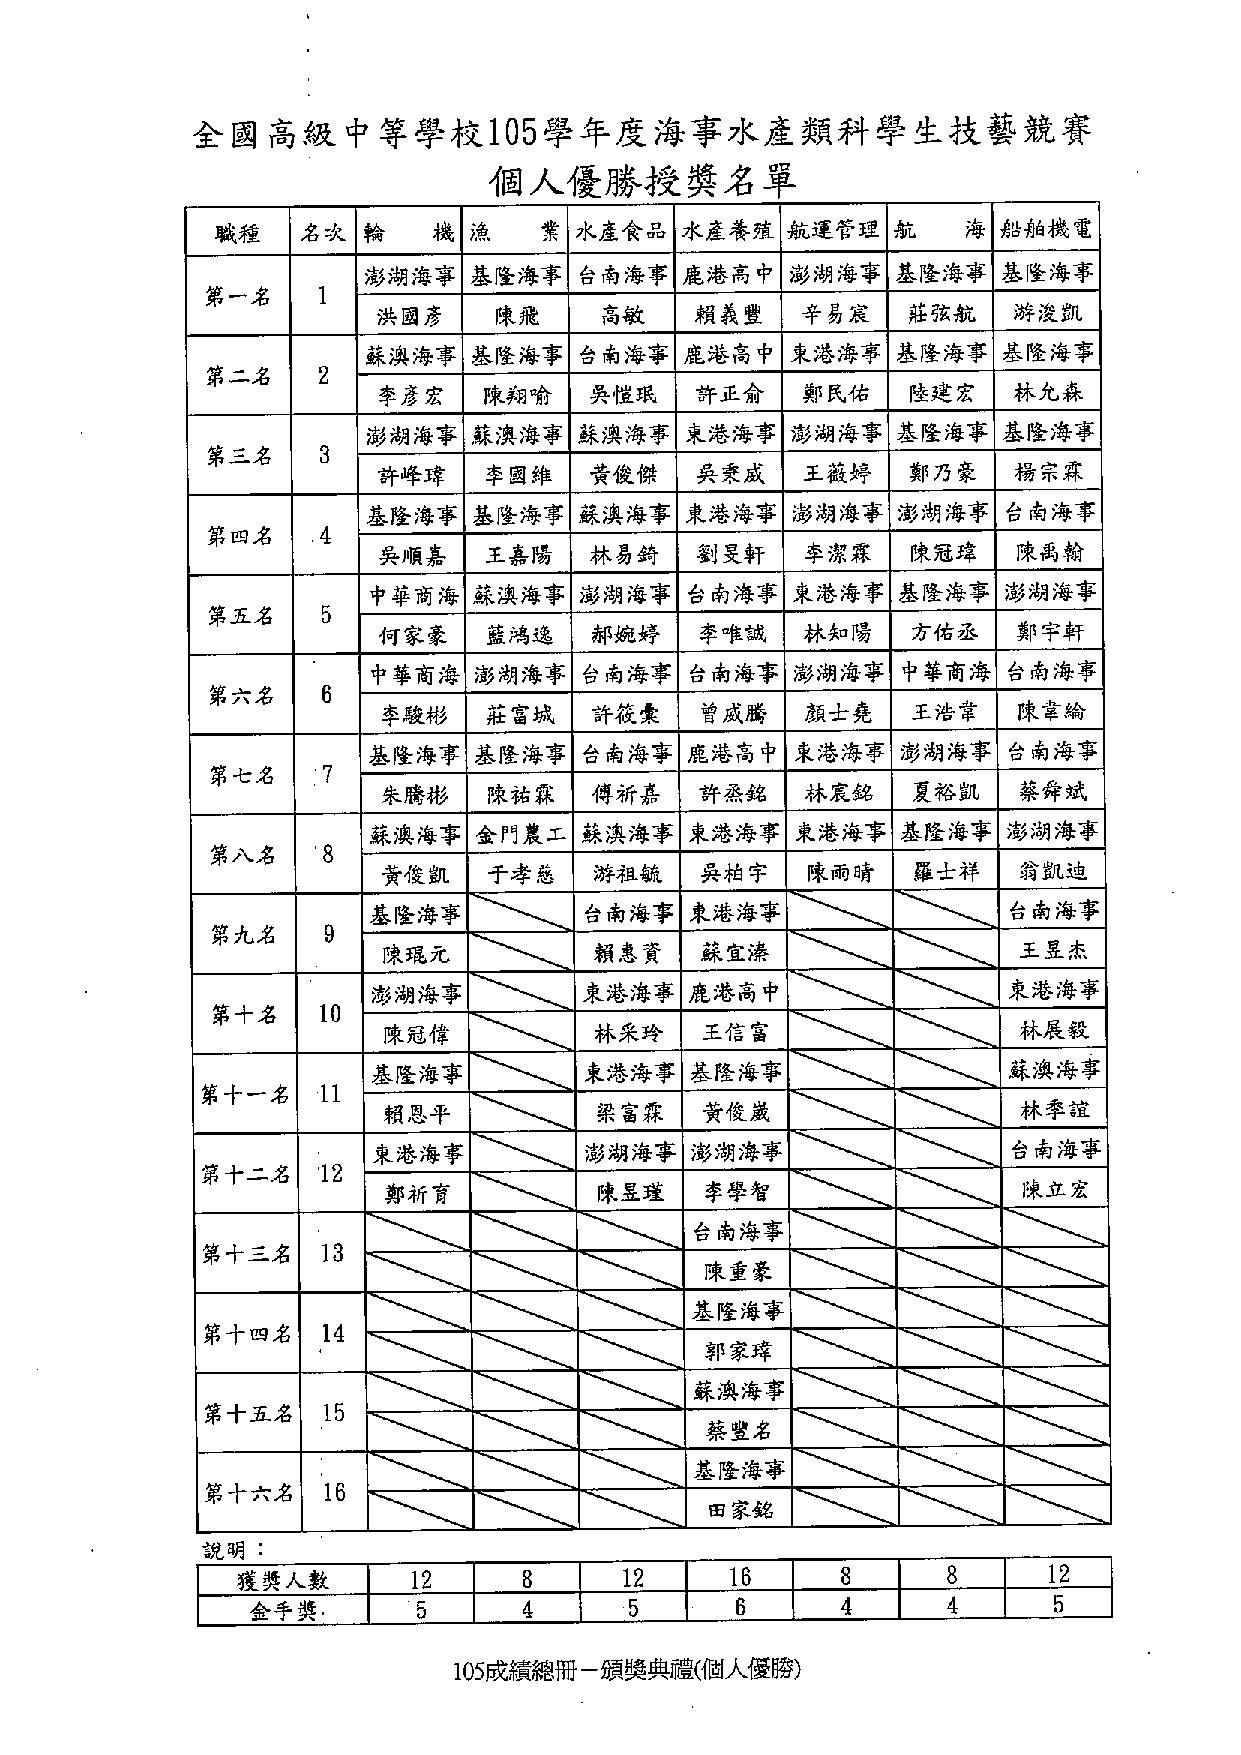 49e709e7-5528-4e8b-930d-b7c51dc70b6d-page-003